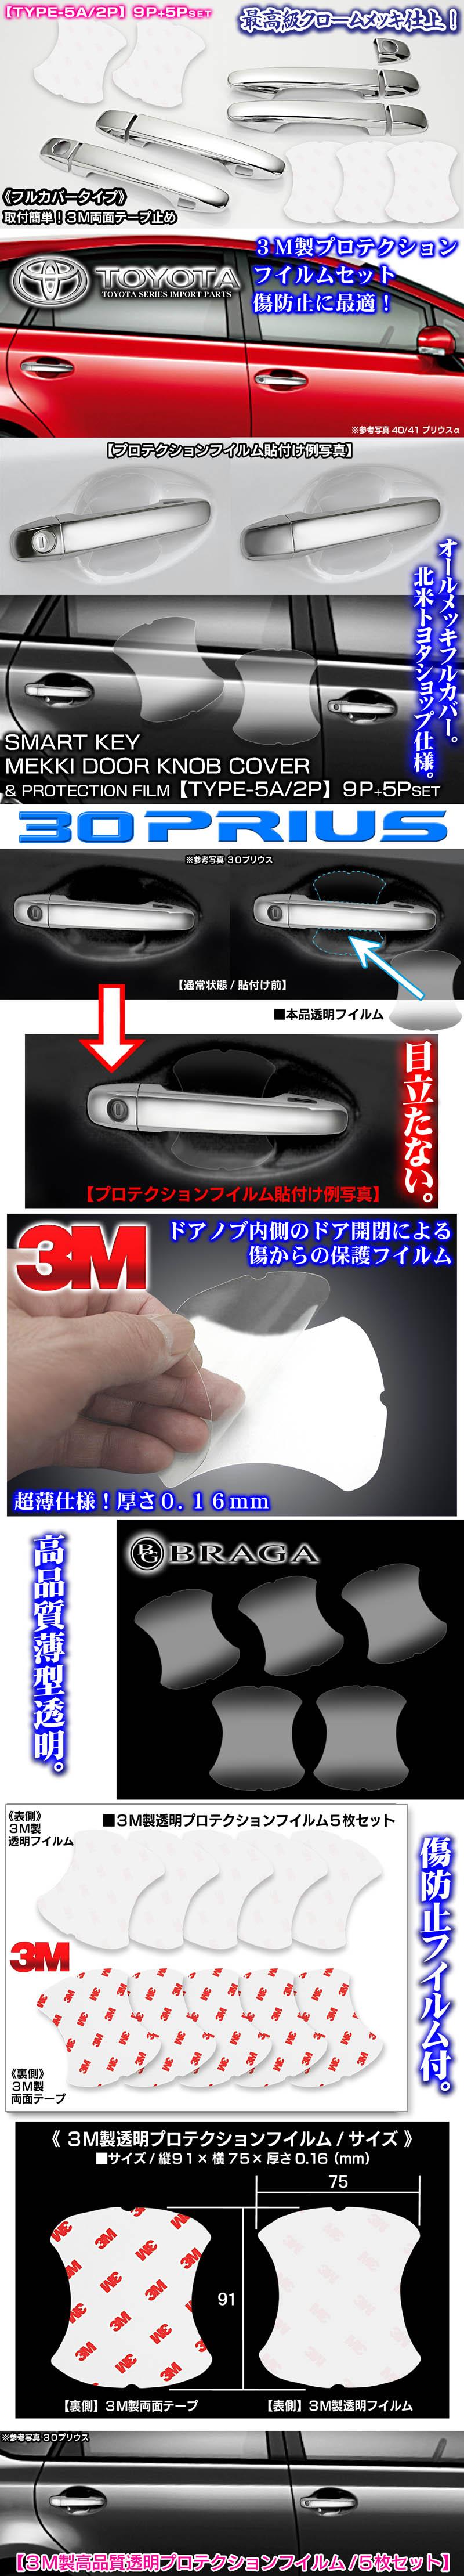 トヨタ/セダン車【タイプ5A/2P】メッキ ドアノブ/ハンドル カバー&保護透明フイルム[14点セット]スマートキー2個/ブラガ